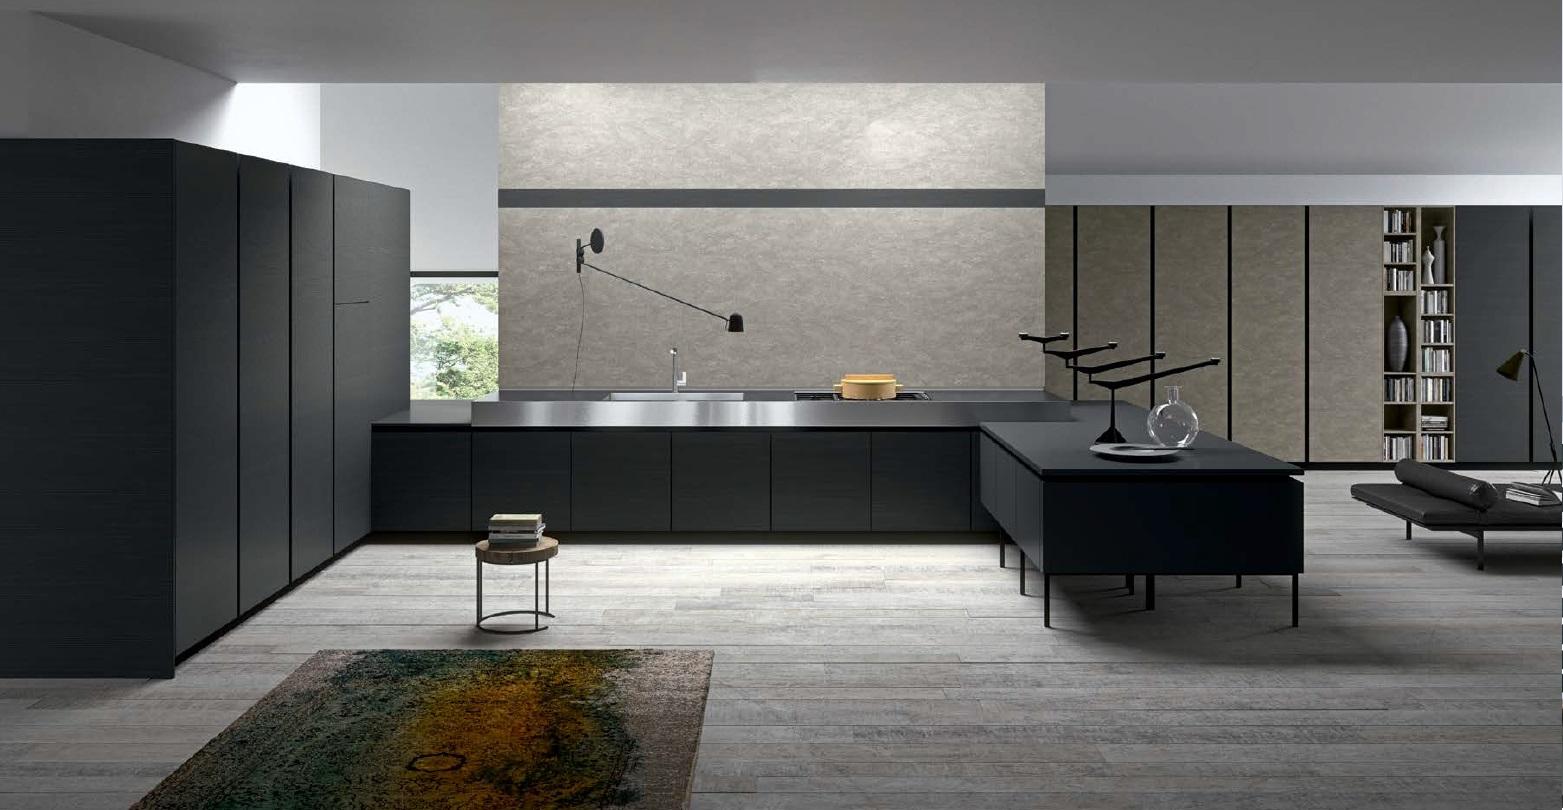 Avar modernne köögimööbel